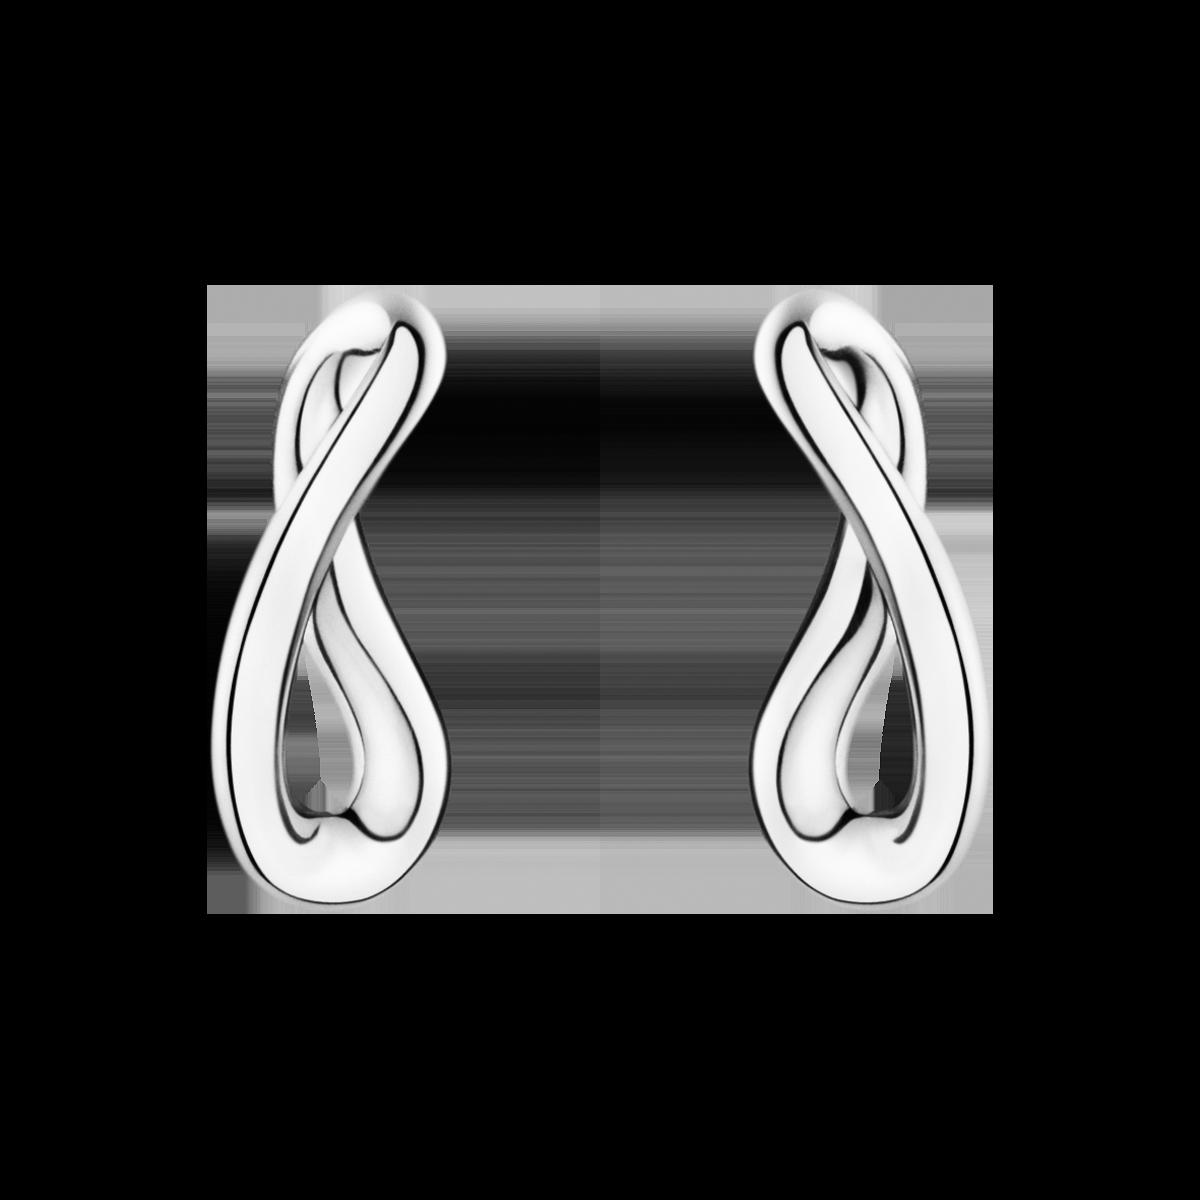 Georg Jensen Infinity øreringe thumbnail